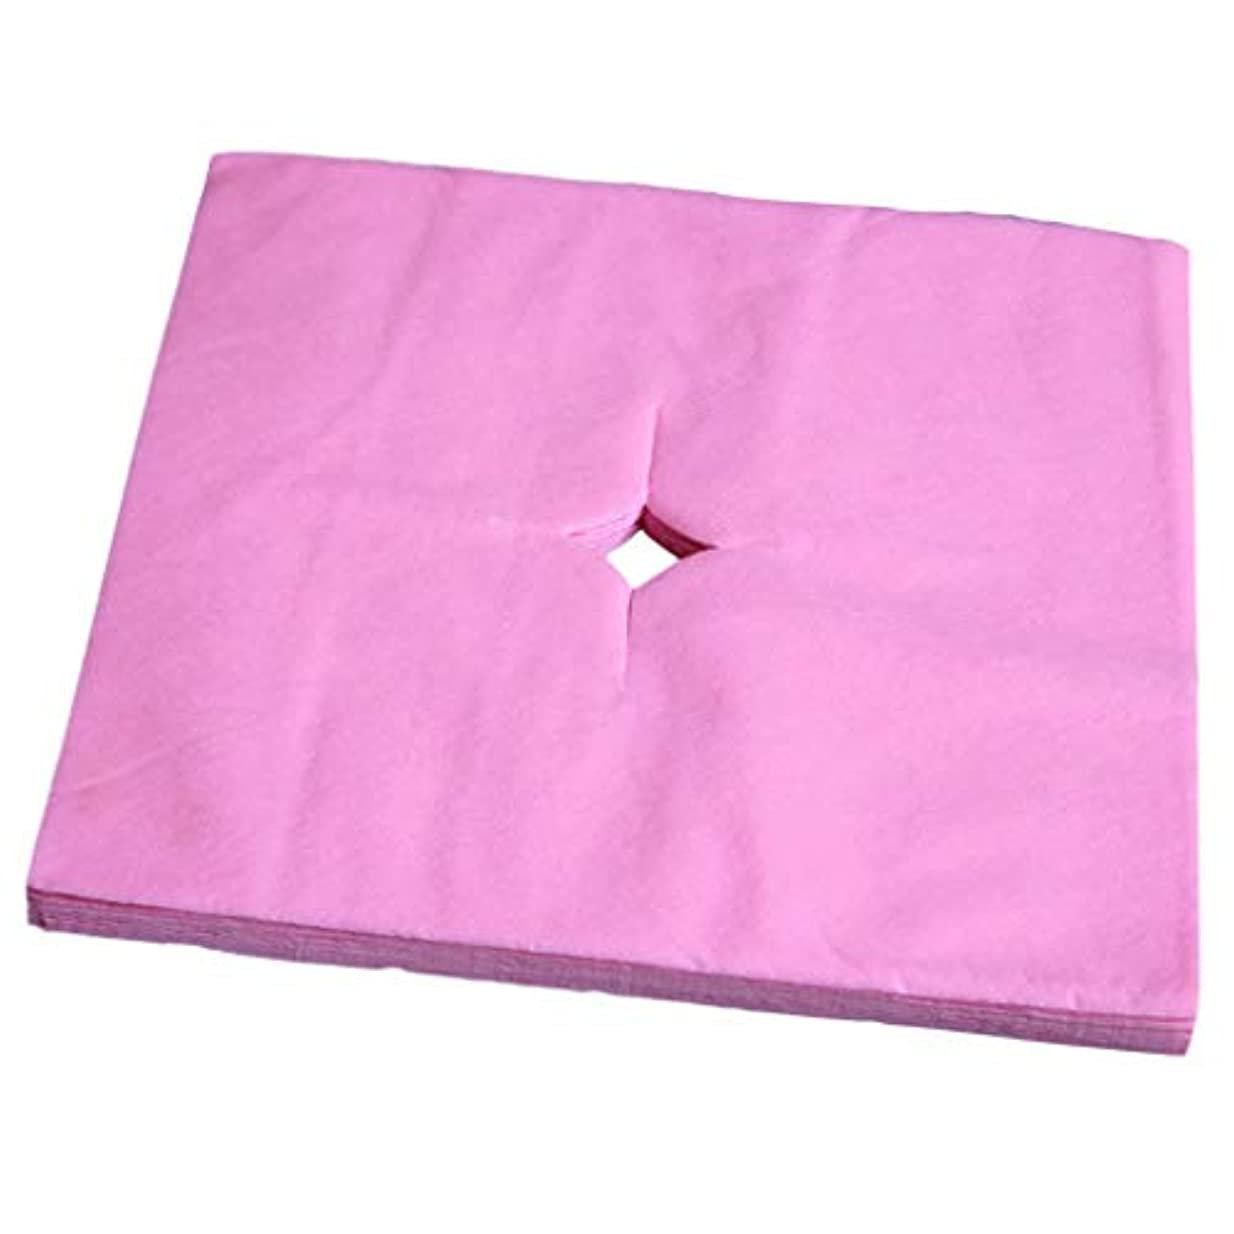 かろうじて符号ピービッシュフェイスクレードルカバー 使い捨て 寝具カバー 不織布 柔らかい 便利 衛生的 全3色 - ピンク